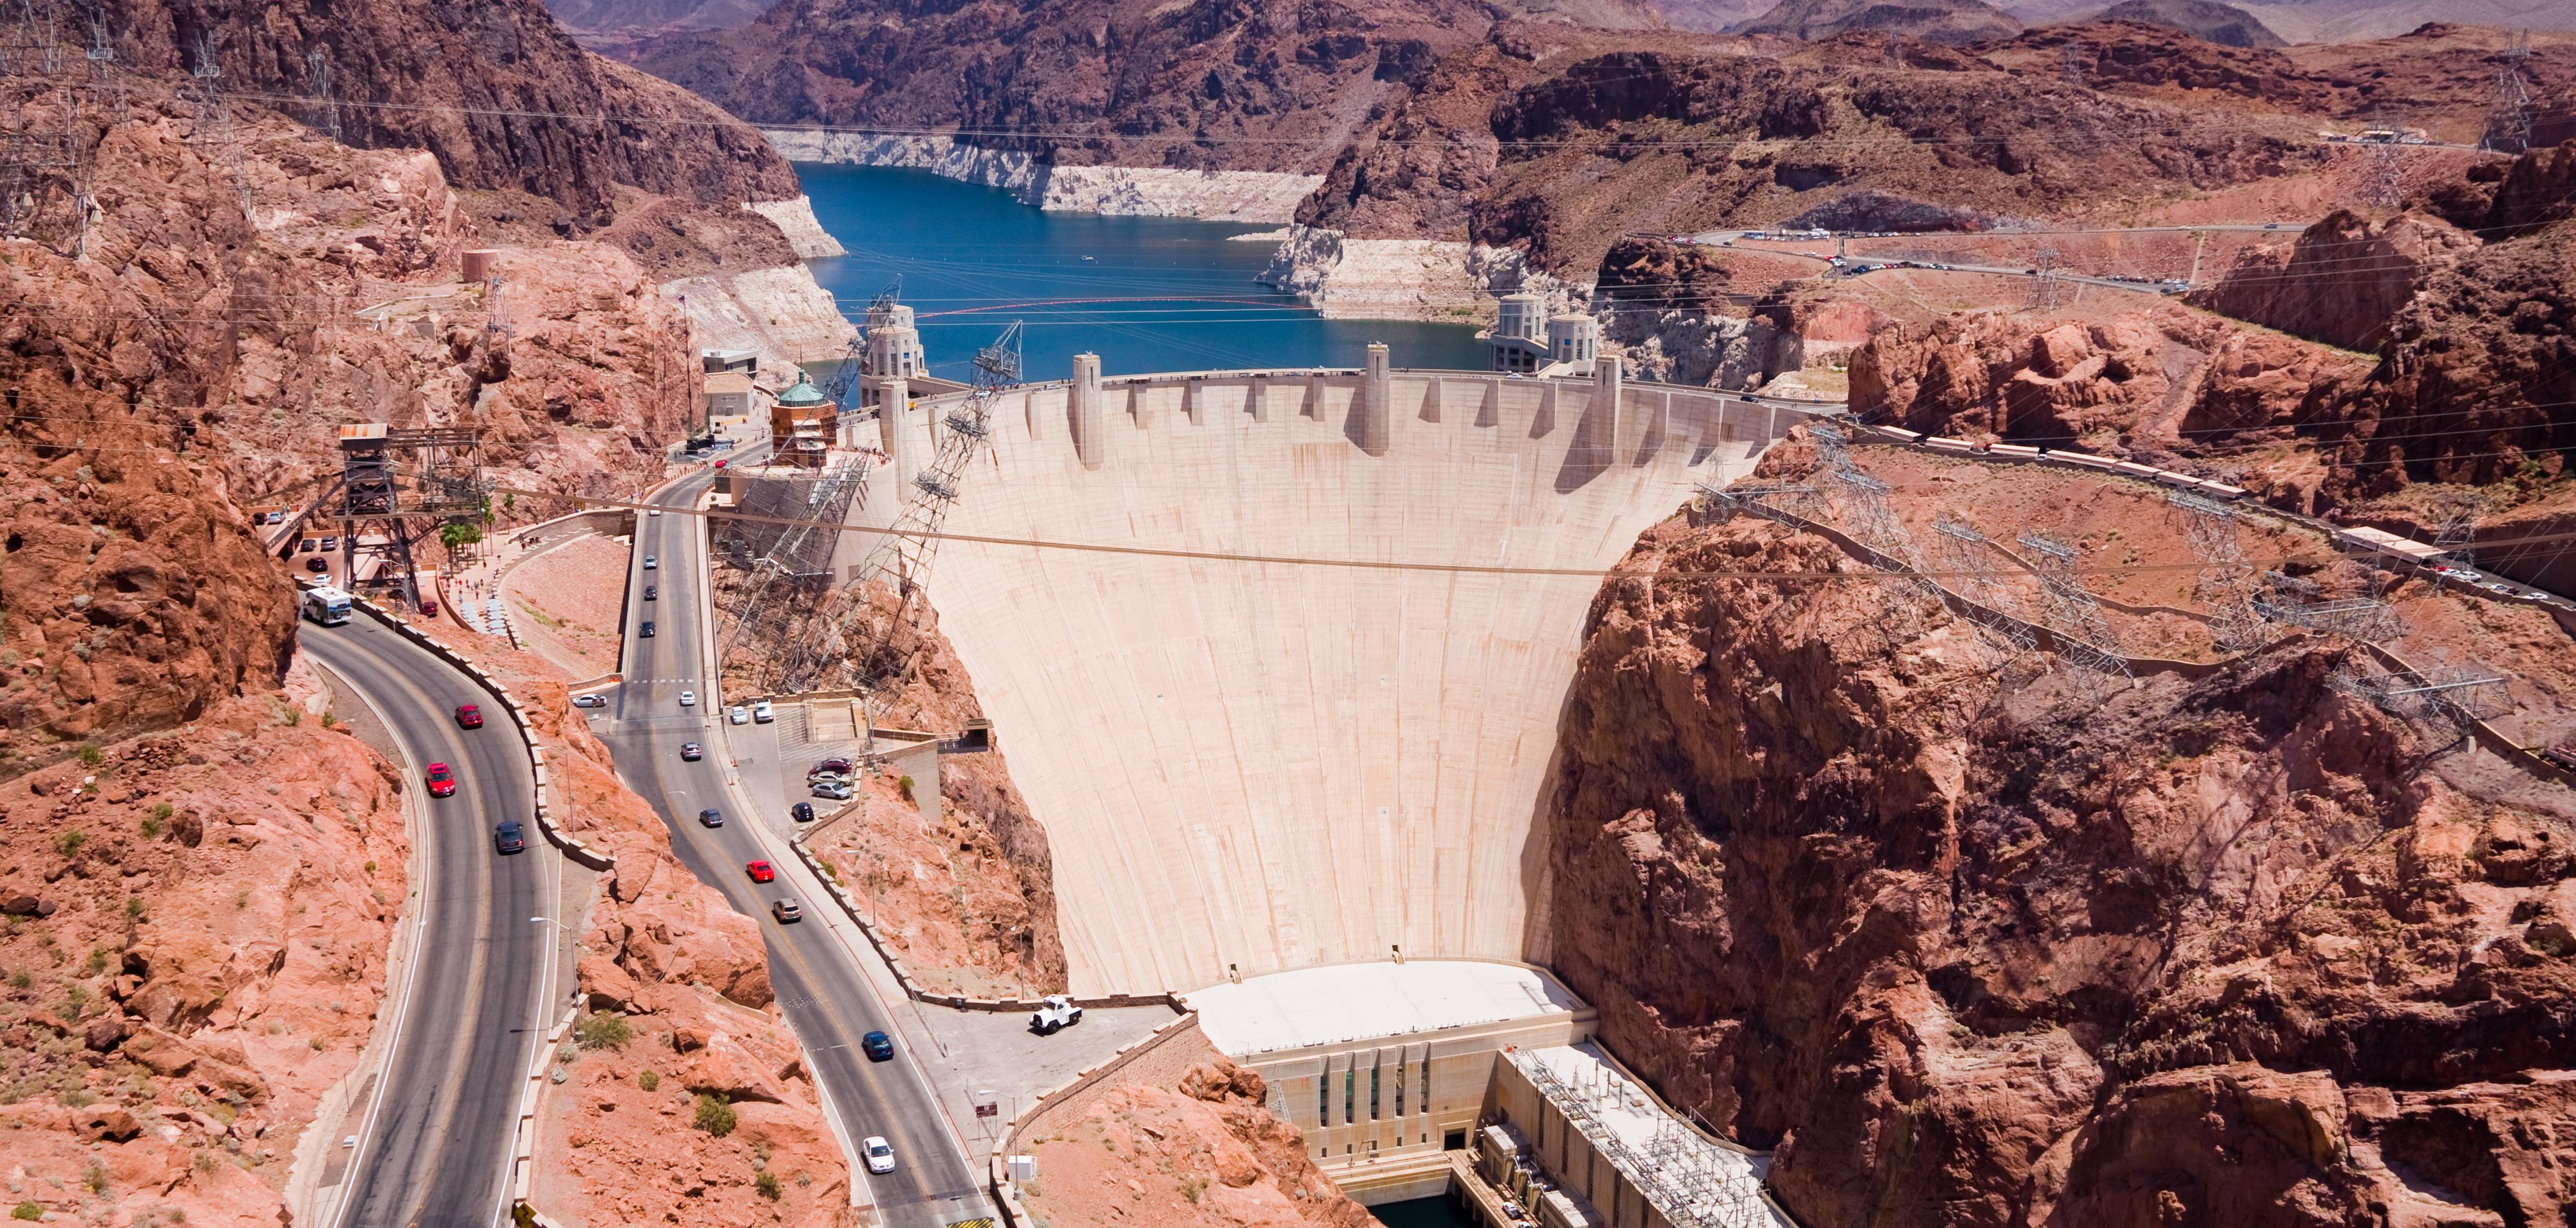 Salir de la ciudad,Excursions,Hoover Dam